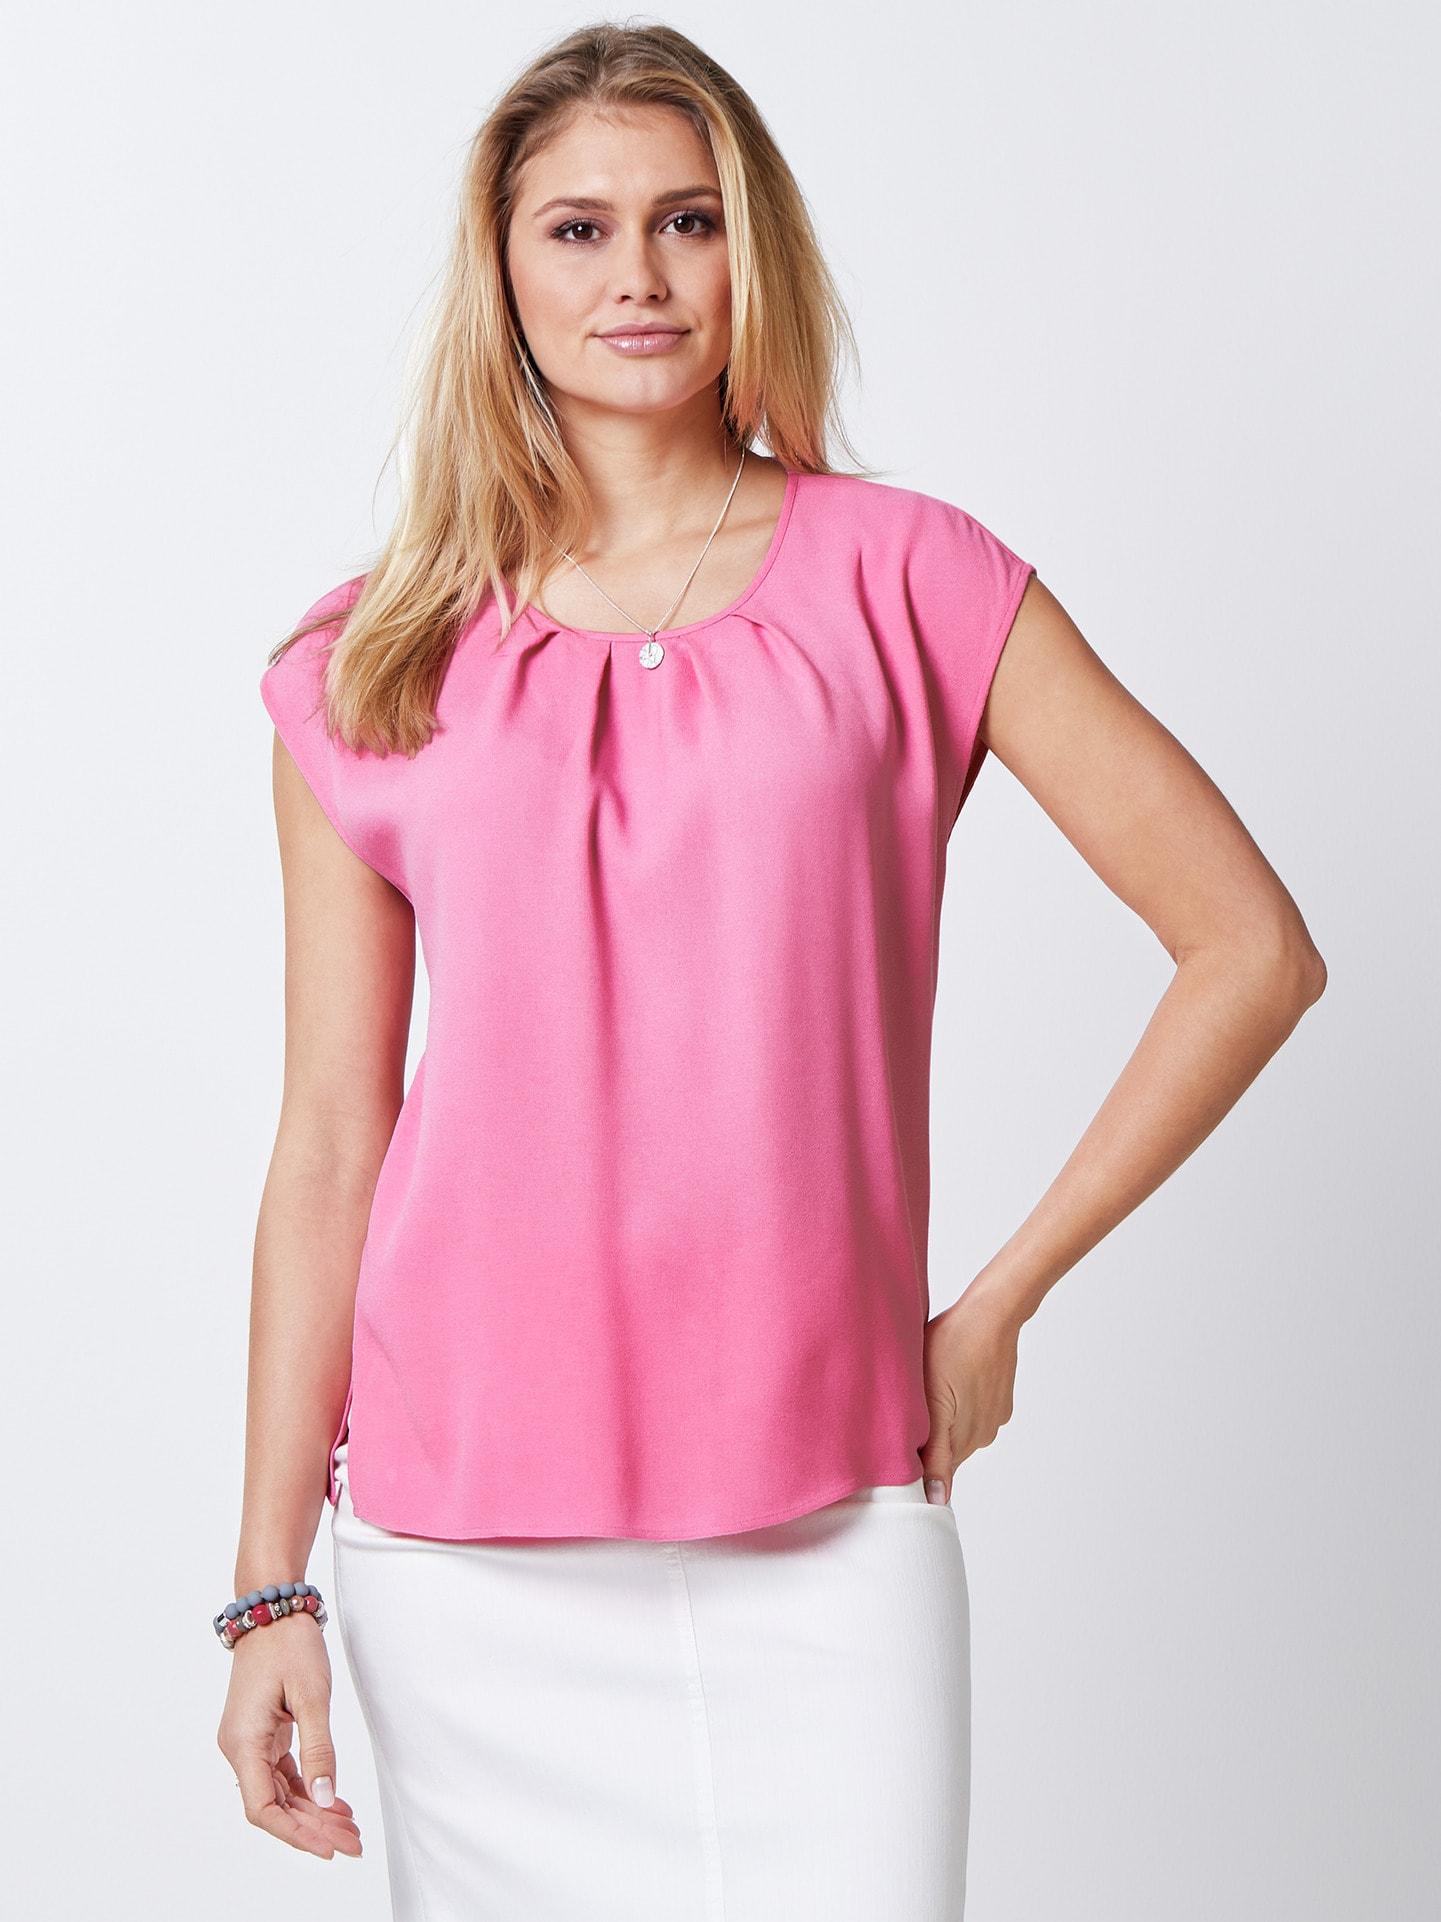 Walbusch Damen Blusentop einfarbig Pink 36, 38, 40, 42, 44, 46, 48, 50, 52 51-2852-7